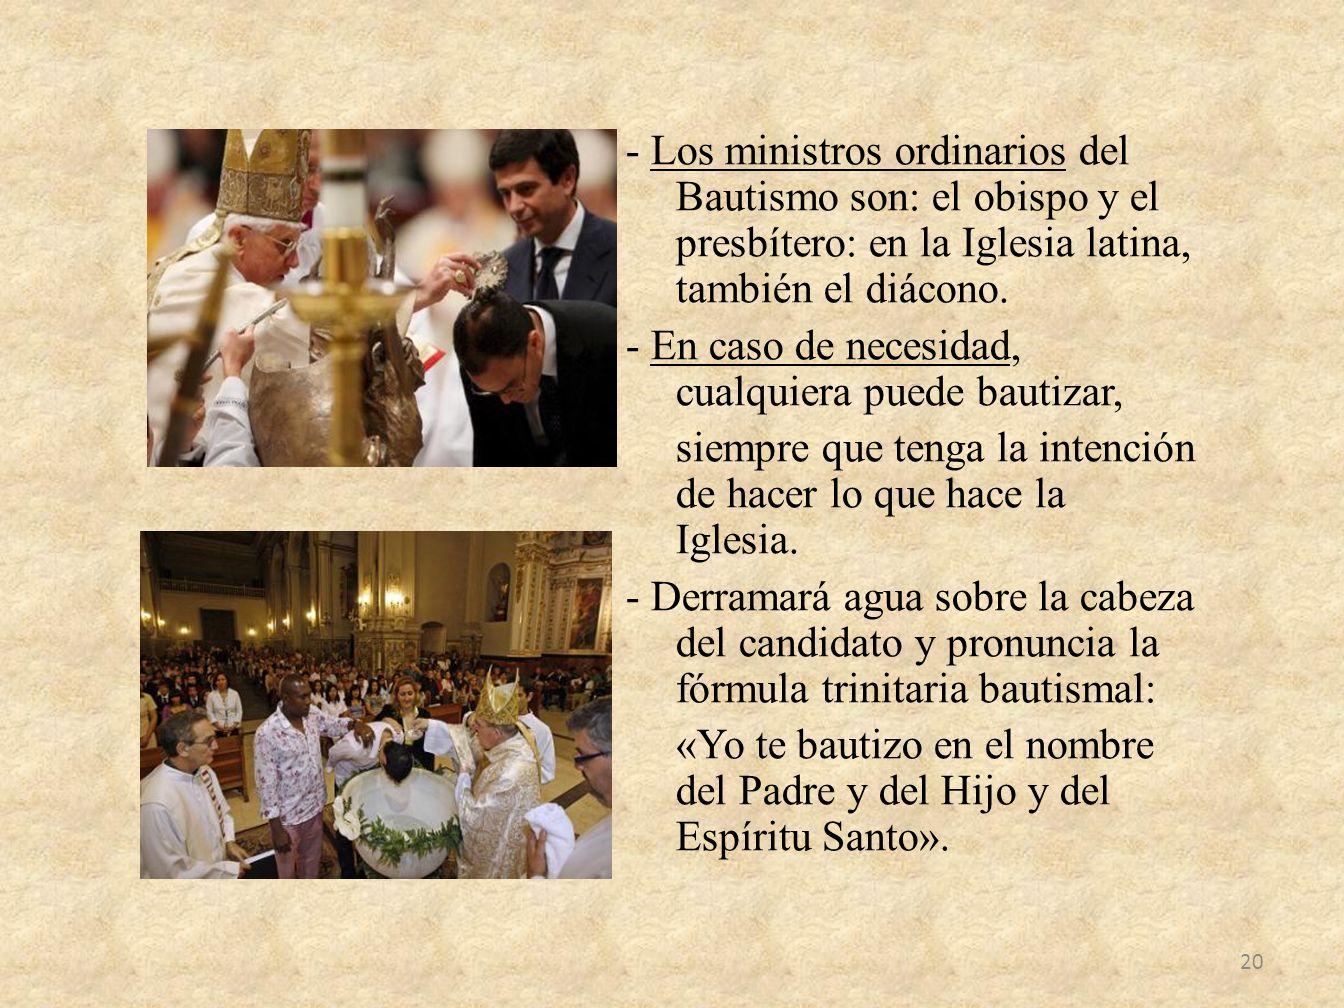 - Los ministros ordinarios del Bautismo son: el obispo y el presbítero: en la Iglesia latina, también el diácono.